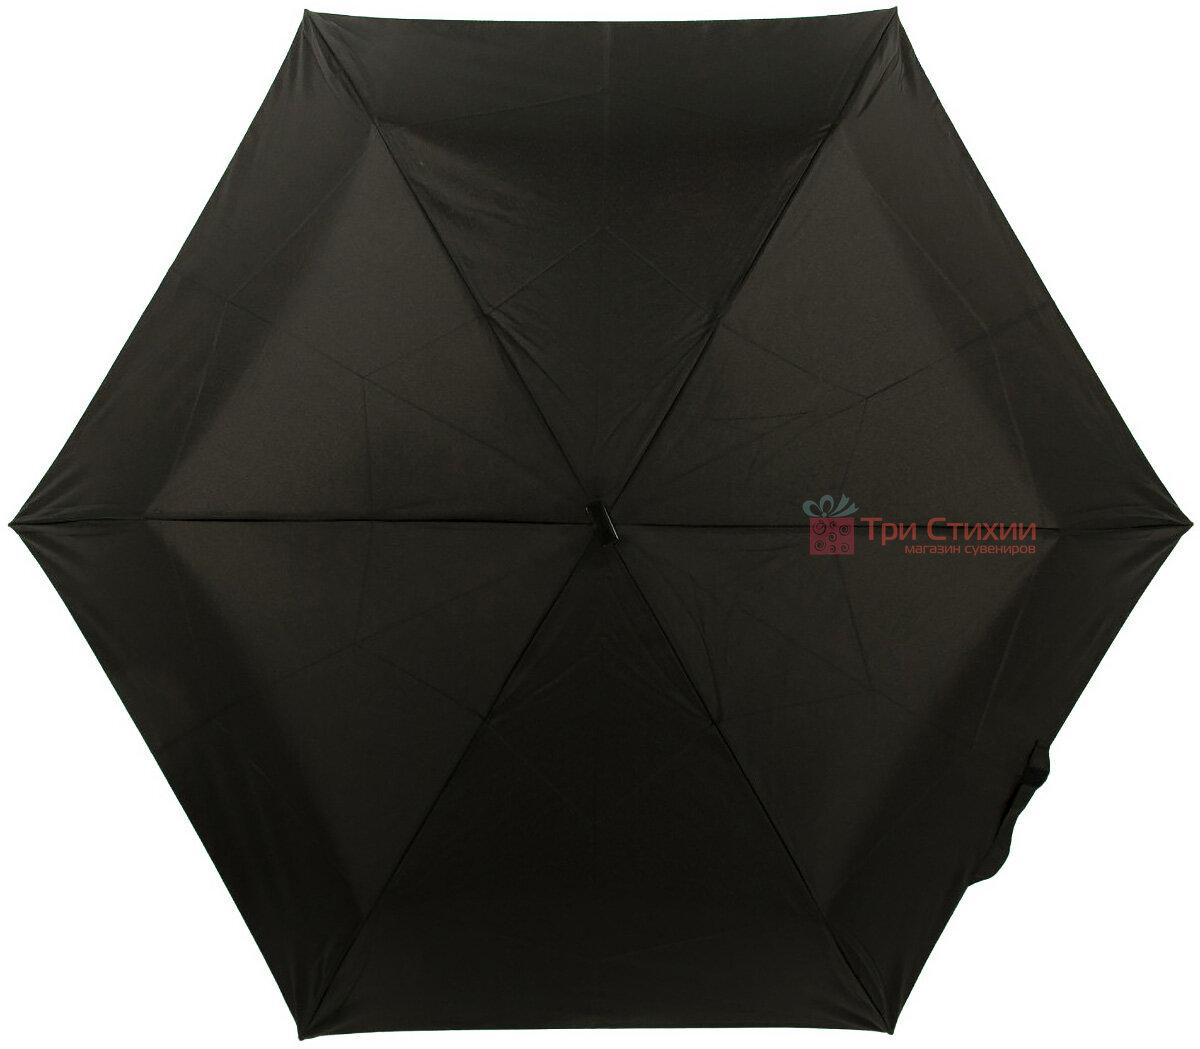 Зонт складной Fulton Ultralite-1 L349 механический  Черный (L349-000410), фото 2